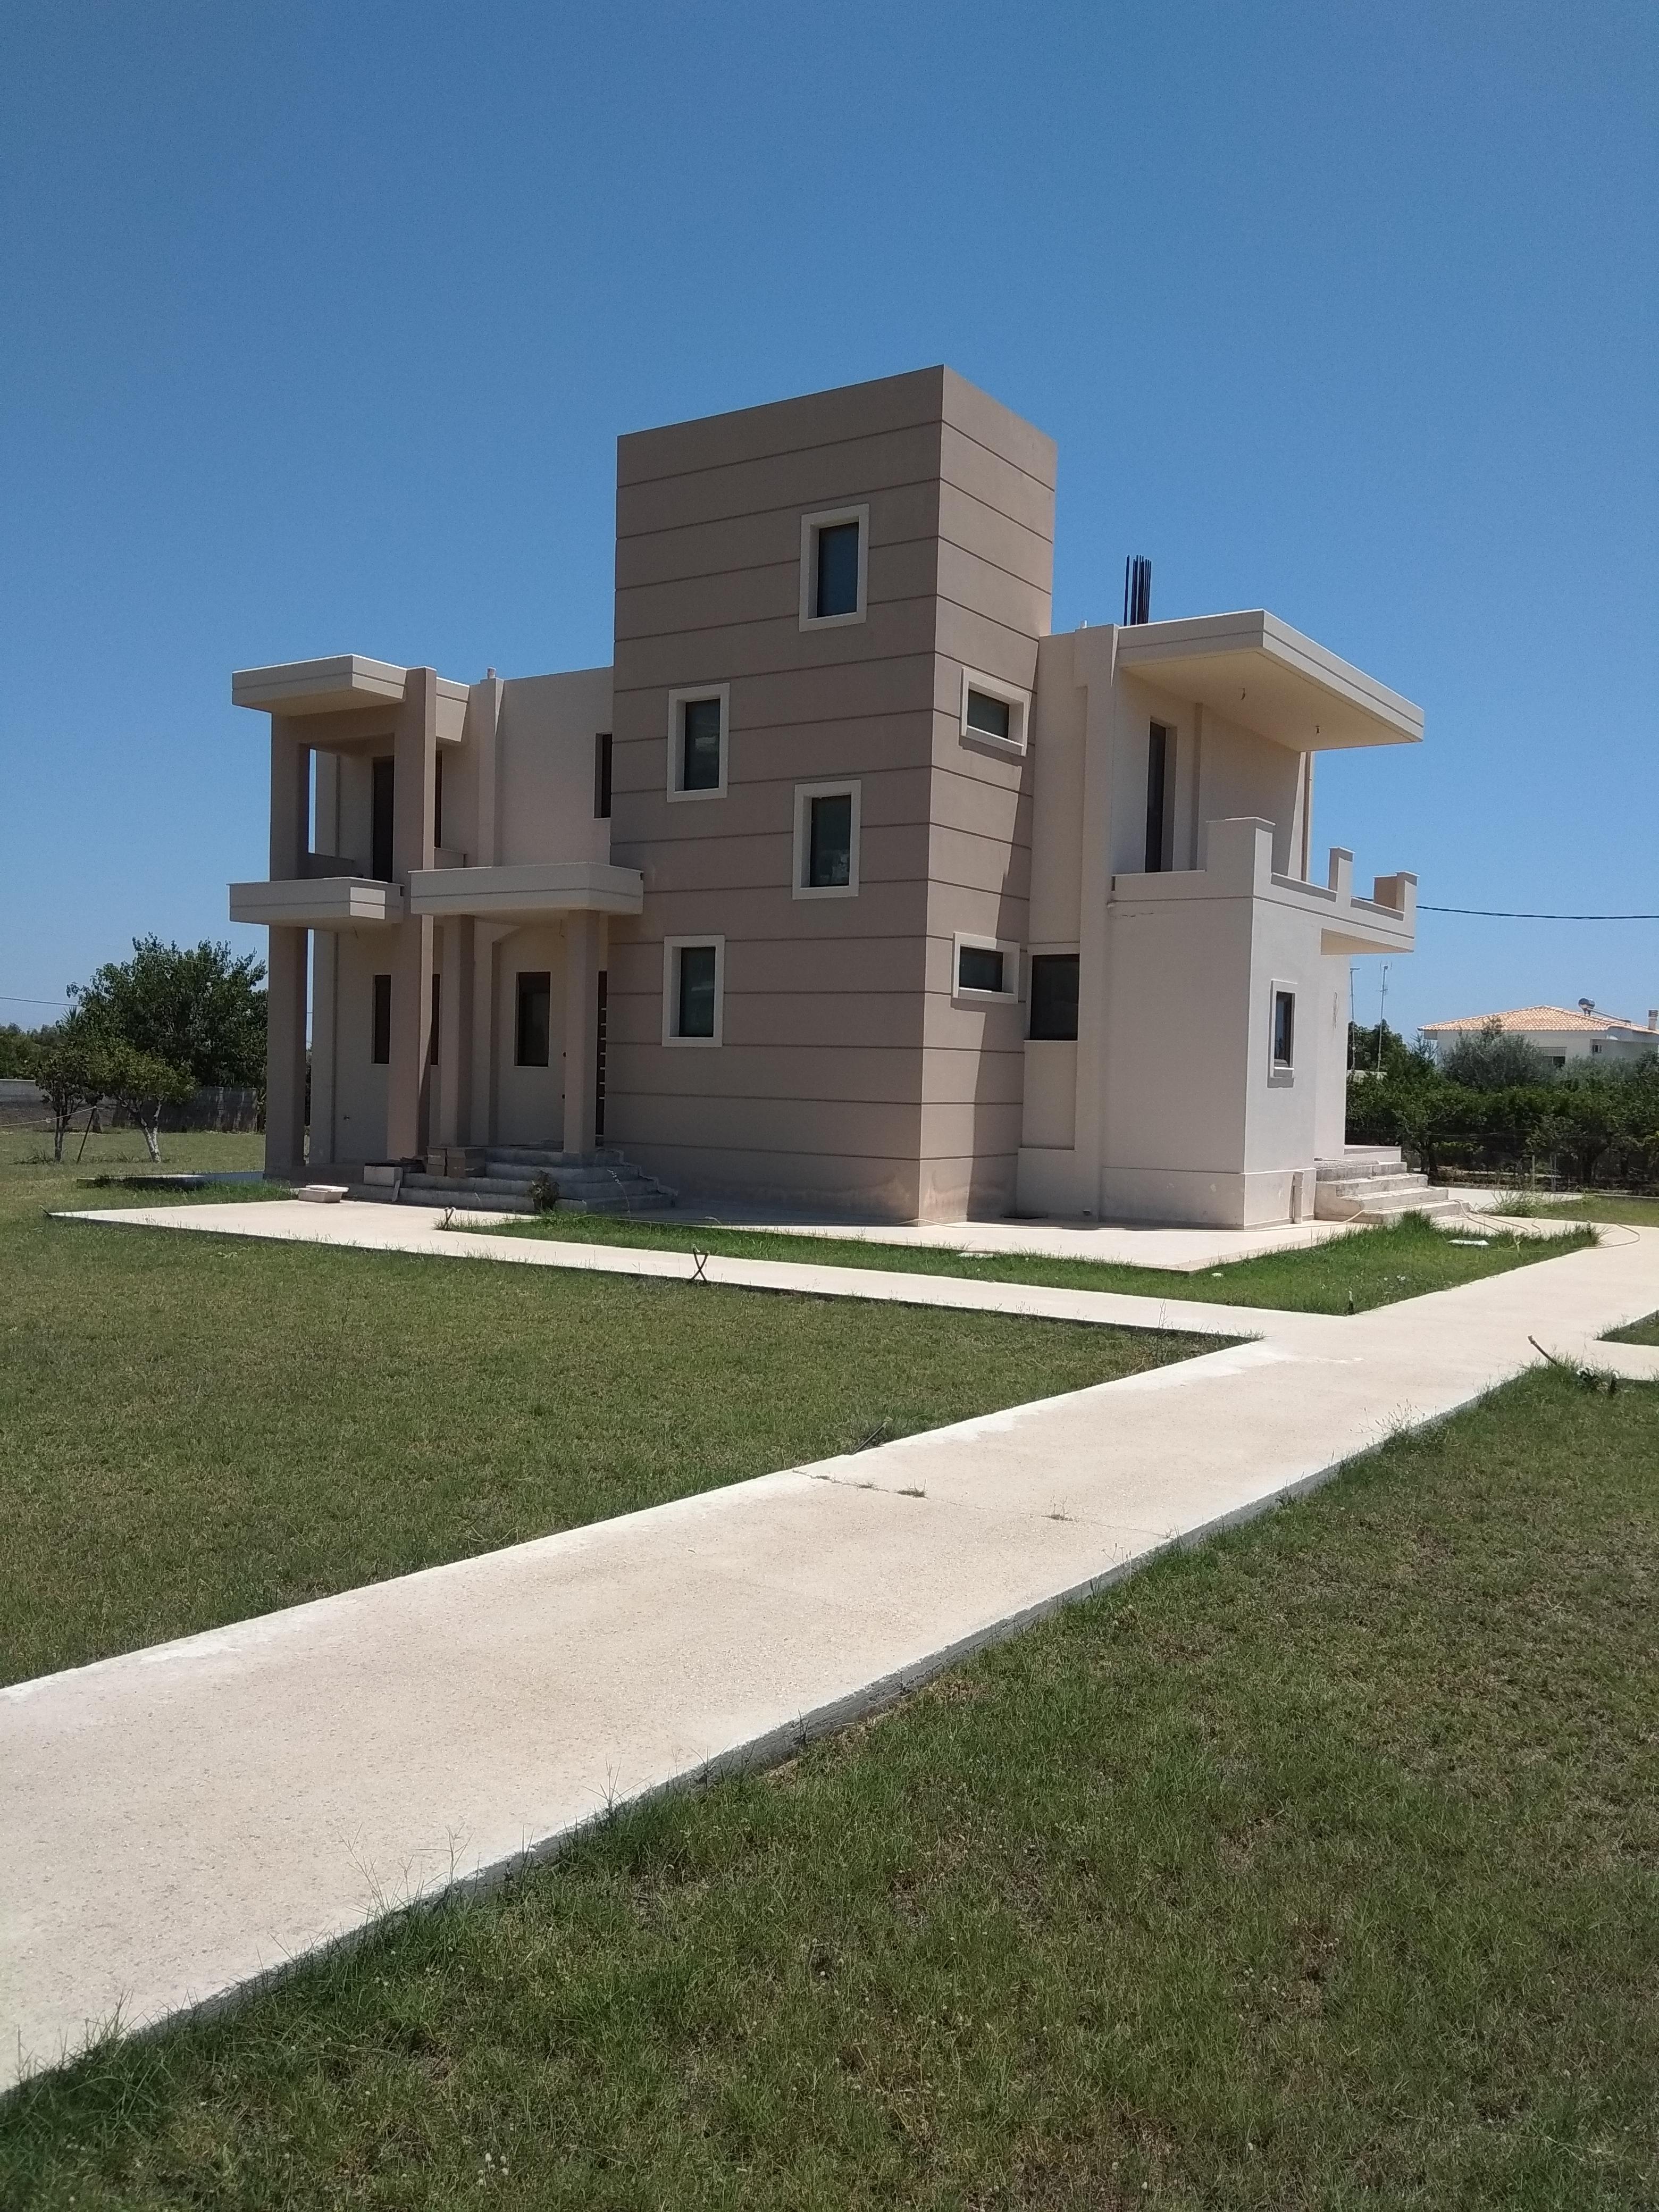 Νεόδμητη πολυτελής Μονοκατοικία  σε οικόπεδο 3,5 στρεμμάτων, Αφάντου Ρόδου, Ρόδος,KAS-98883